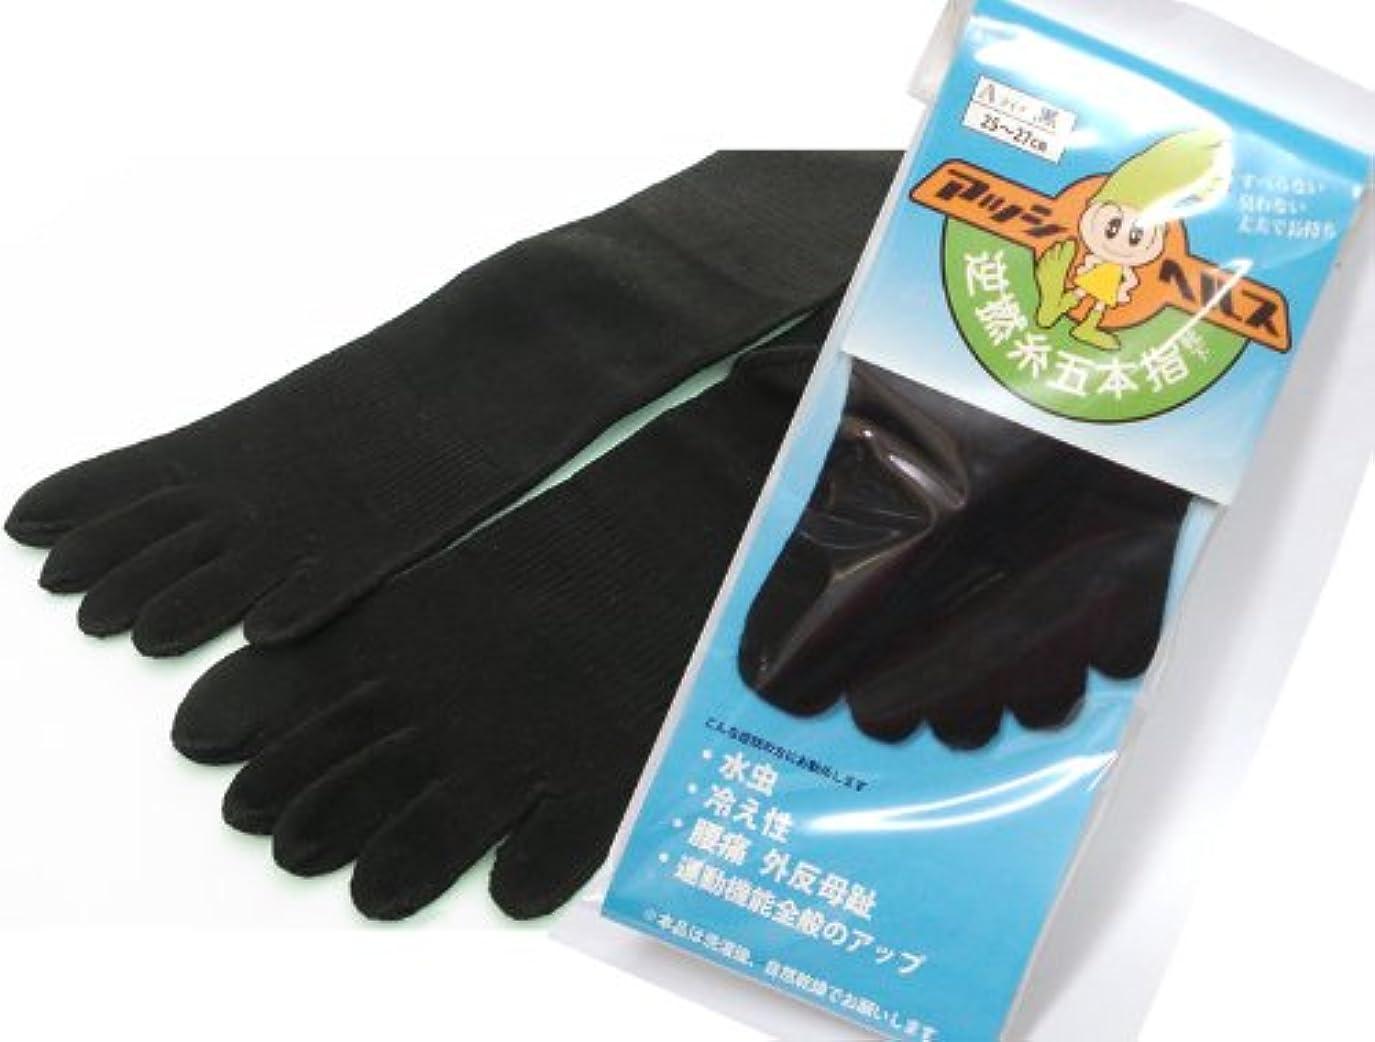 退化する冷酷な醸造所アッシヘルス 逆撚糸五本指靴下 Aタイプ 男性用 25~27センチ (黒)